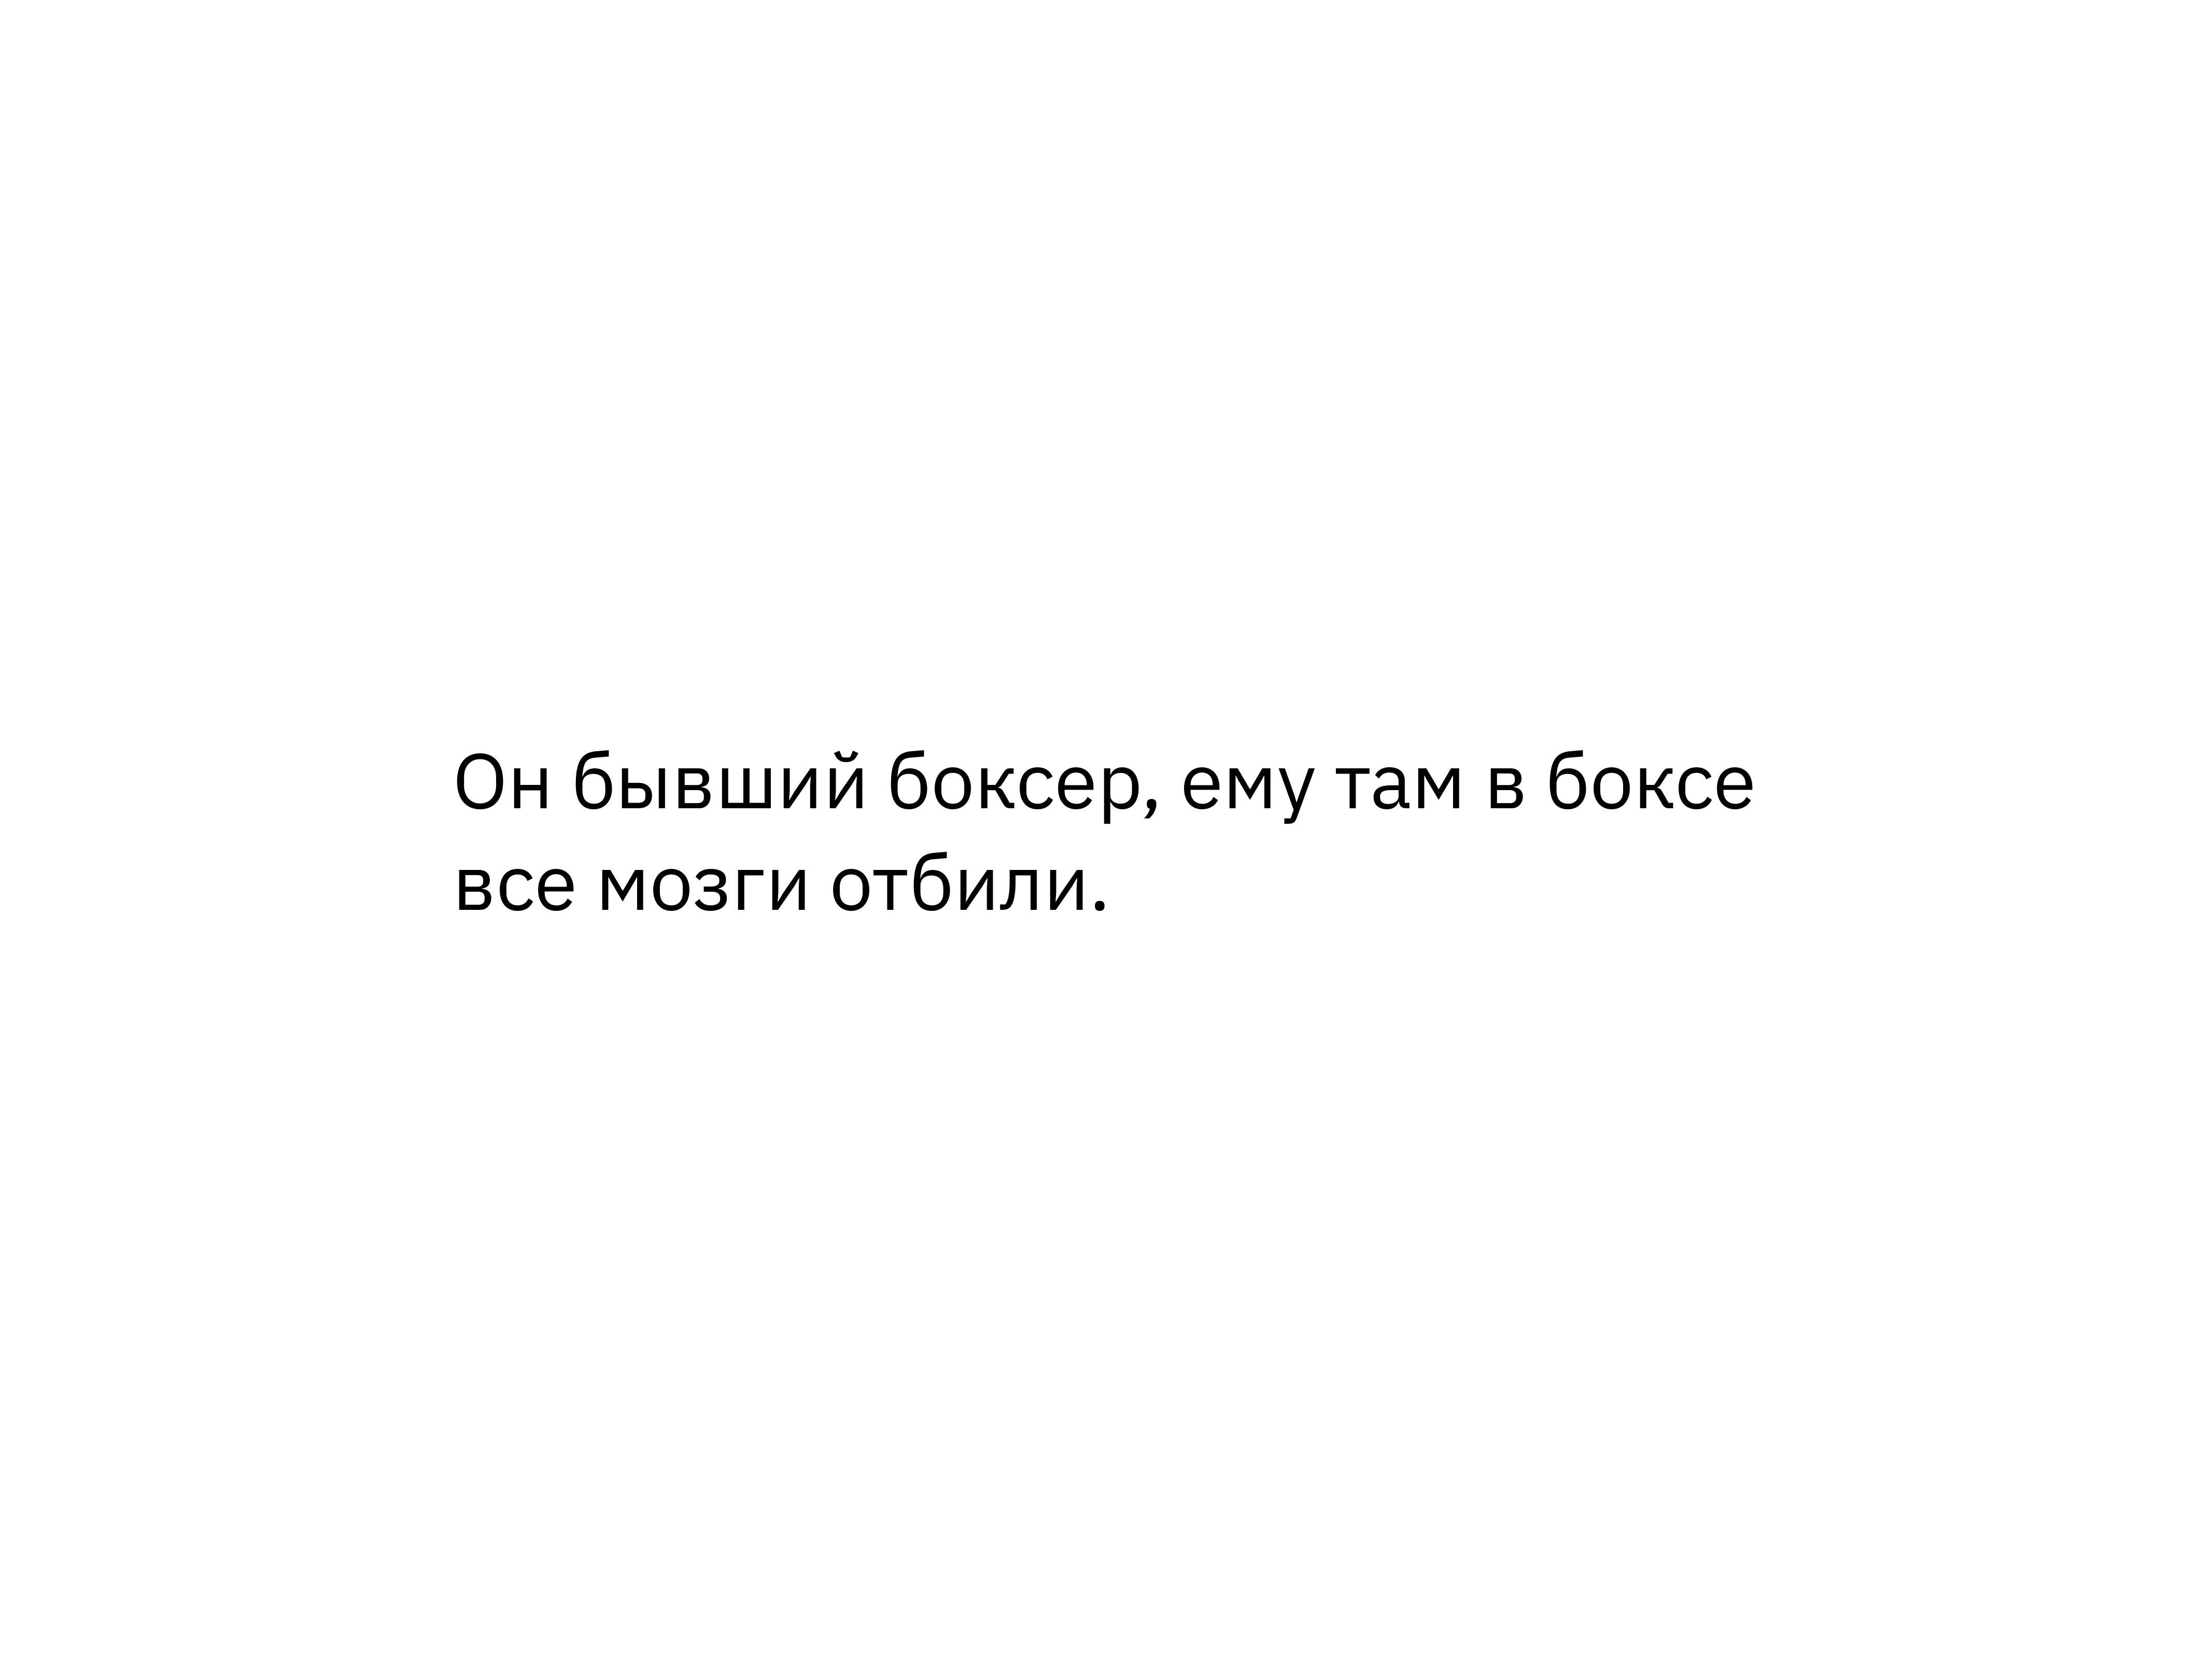 Алексей Каптерев: Критическое мышление 101 (часть 2) - 23